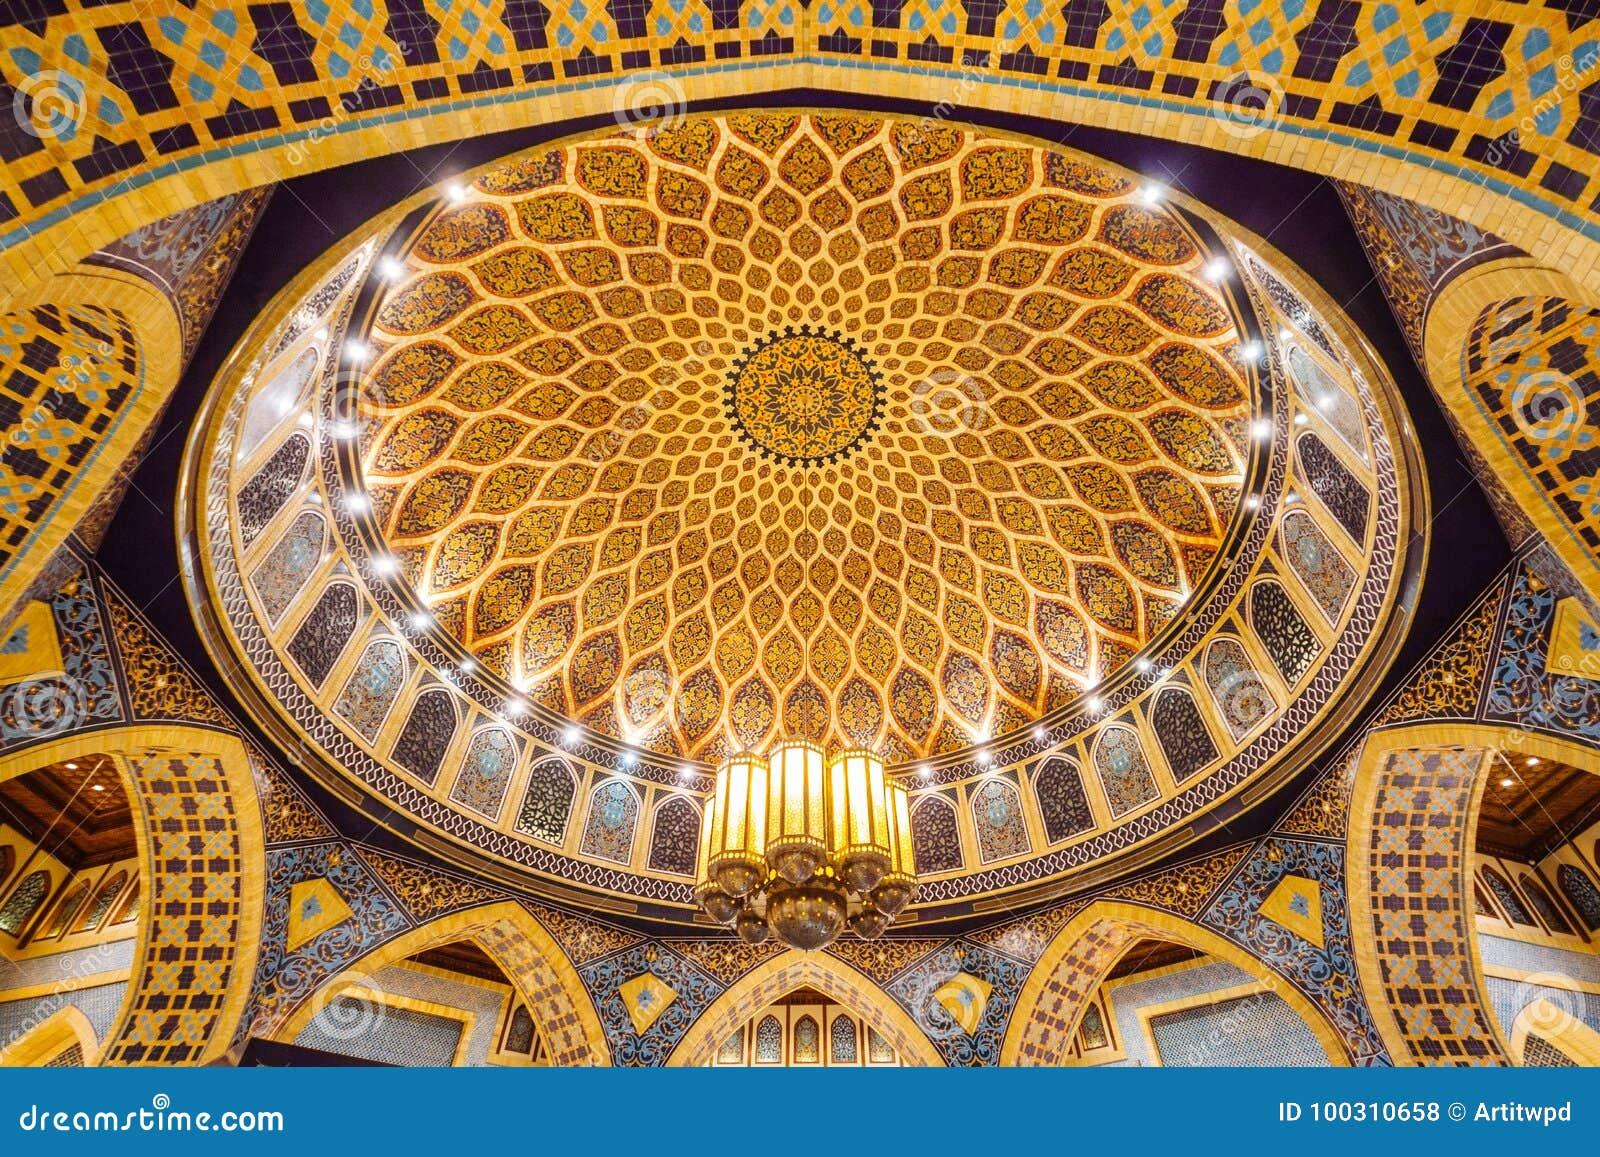 Centro del soffitto della cupola con le mattonelle gialle marroni